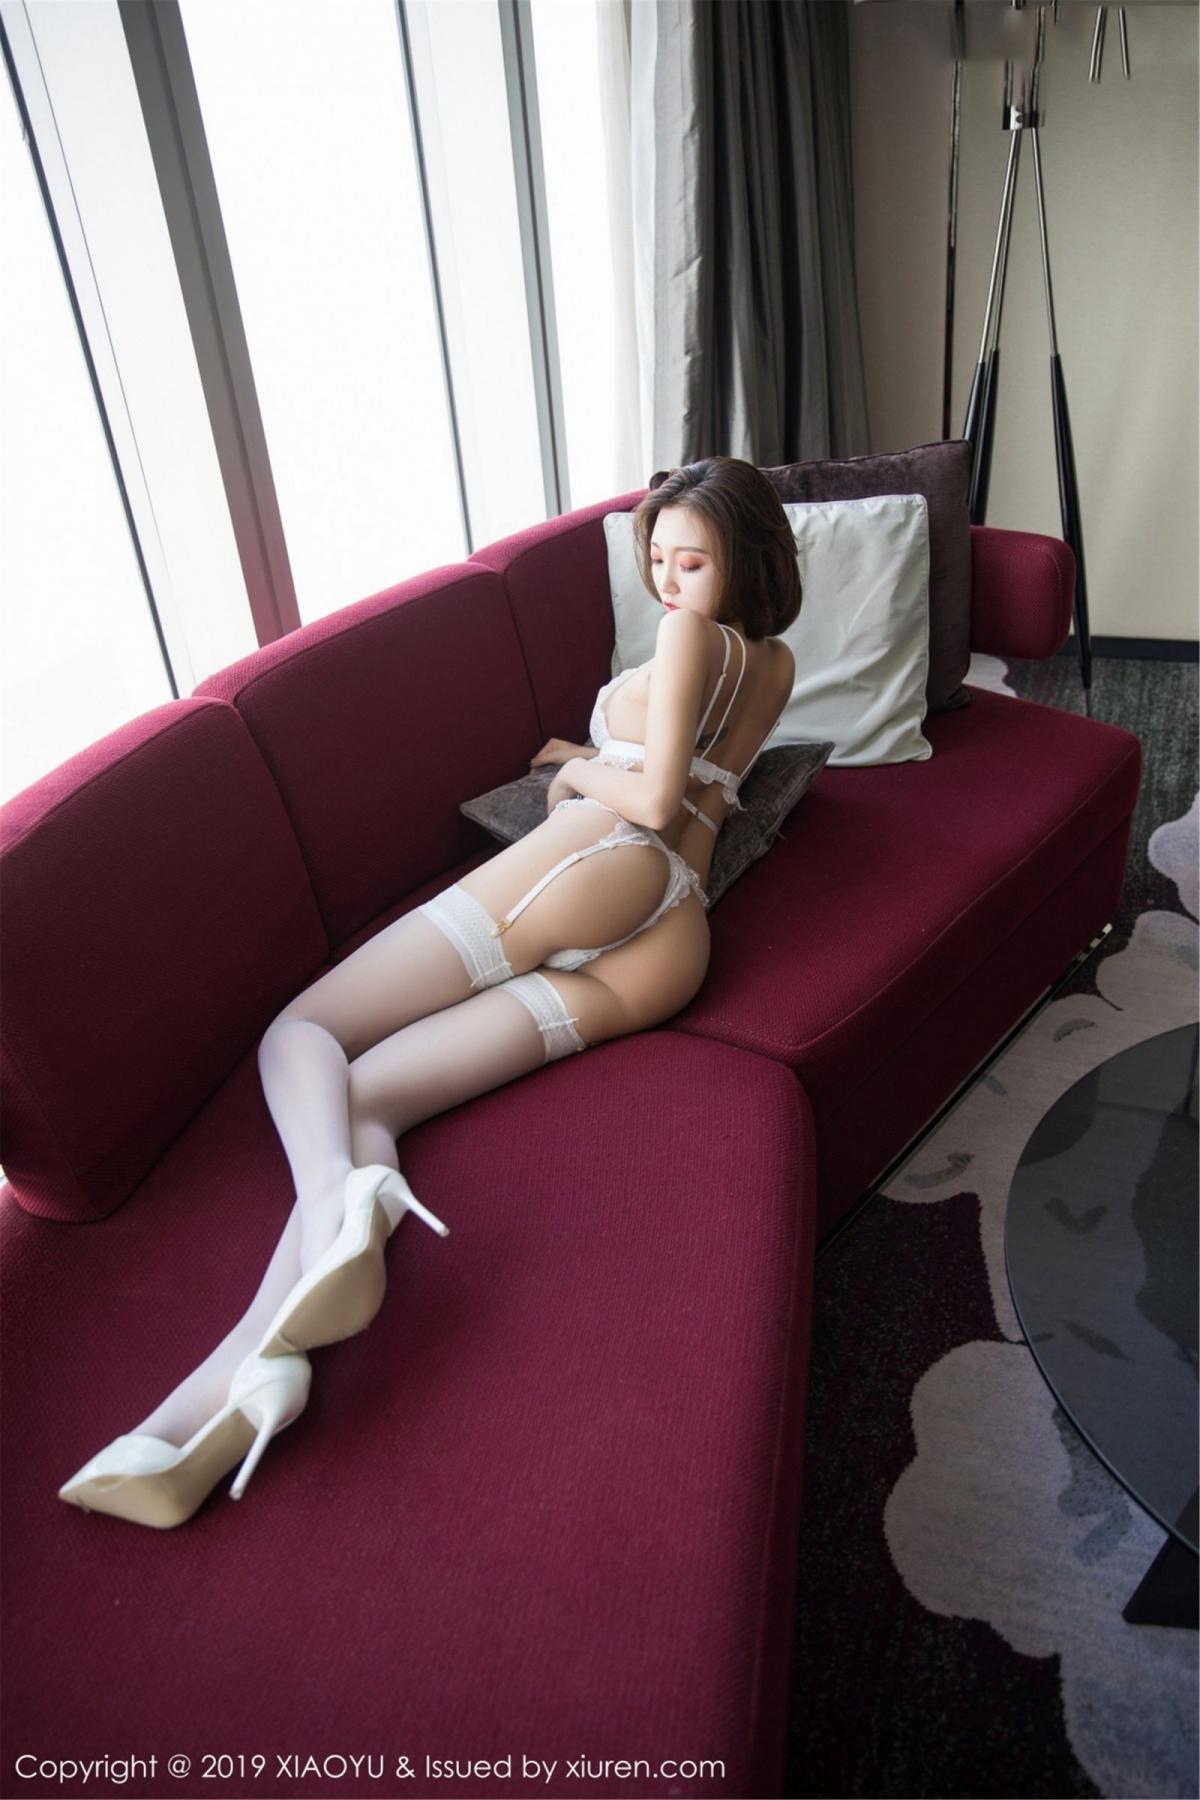 [XiaoYu] Vol.053 Lris 34P, Feng Mu Mu, Tall, Underwear, XiaoYu